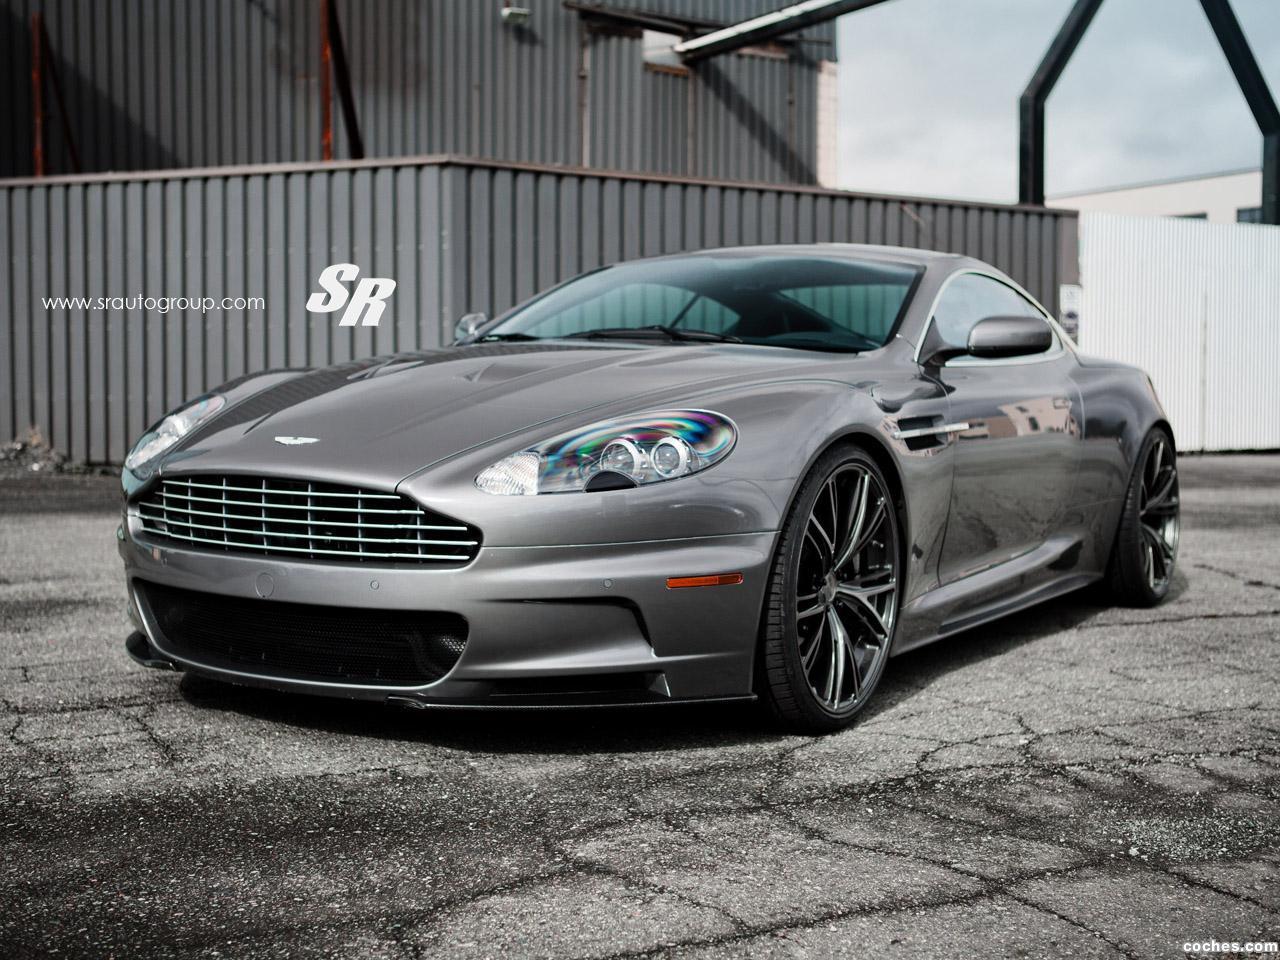 Foto 0 de SR Auto Aston Martin DBS 2013